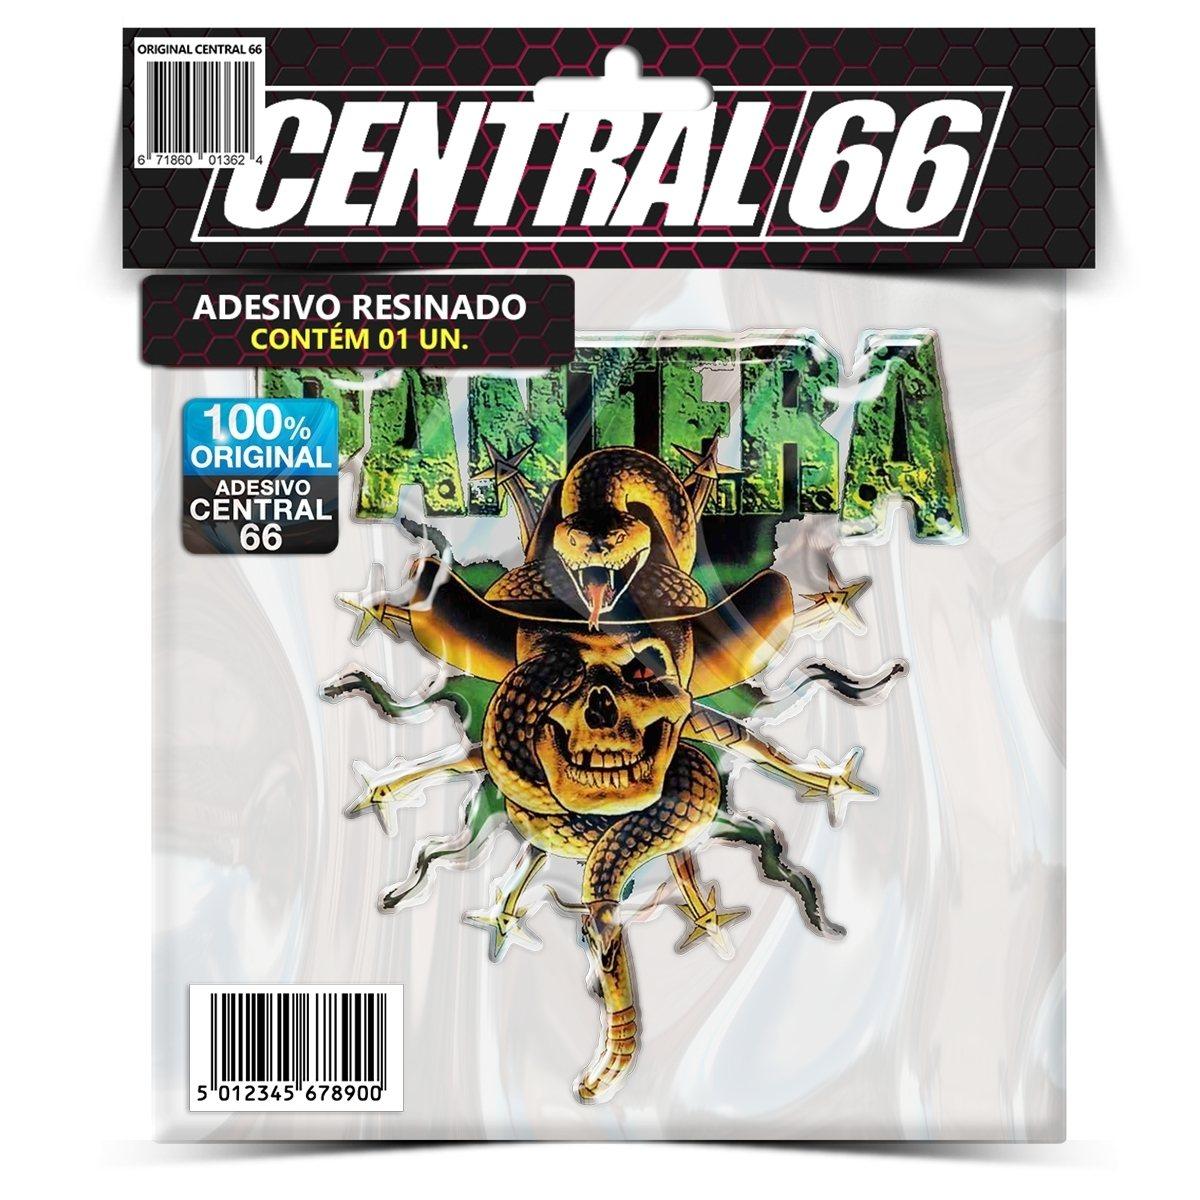 Adesivo Pantera Cowboy – Central 66